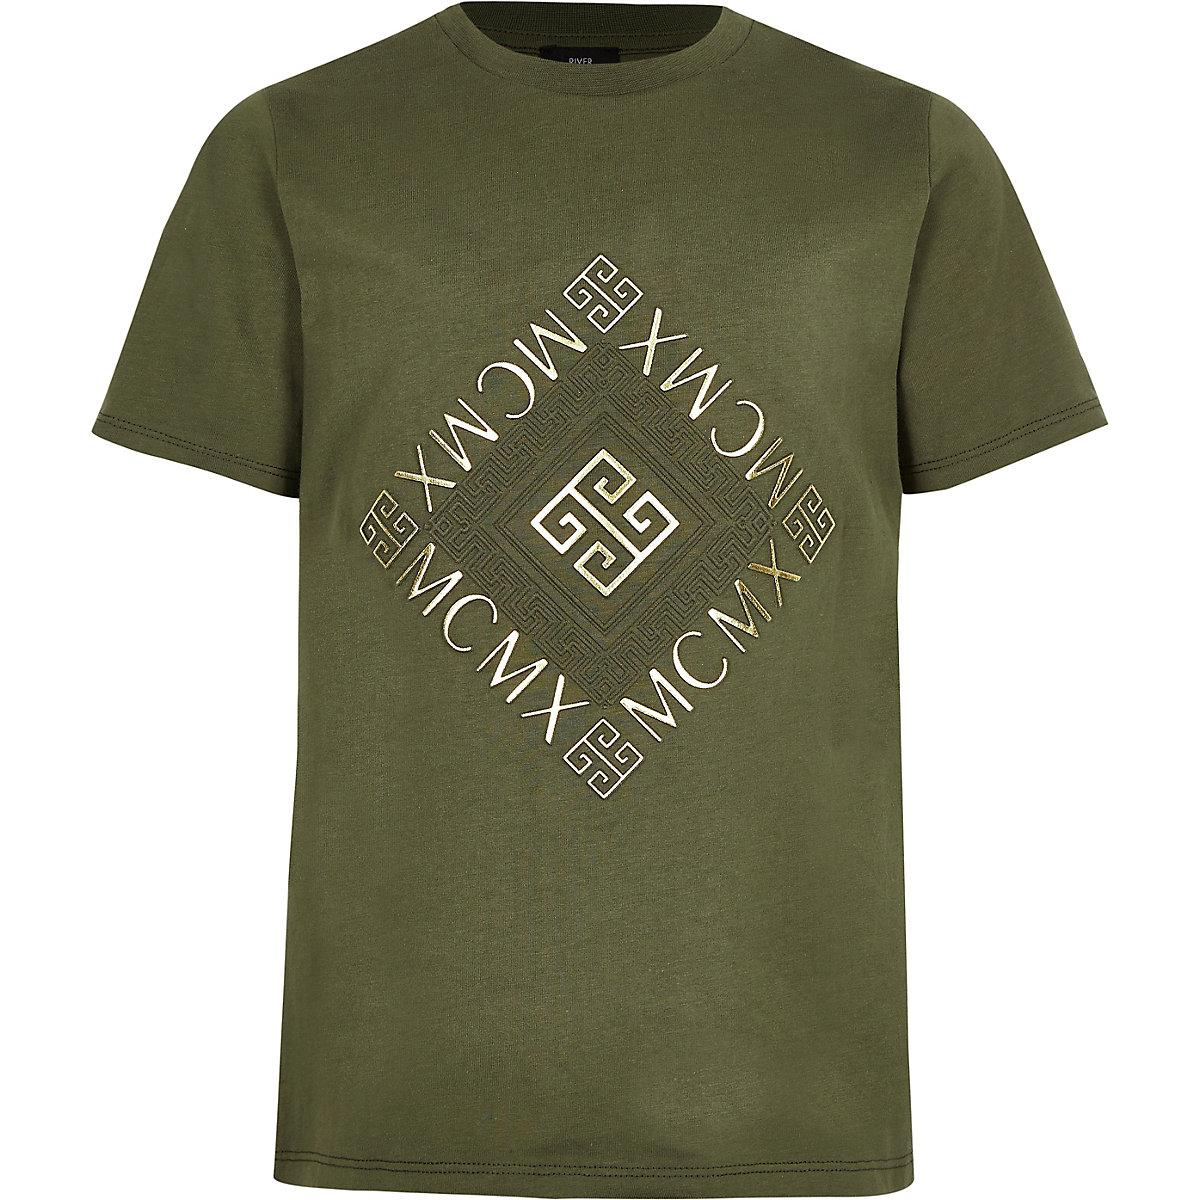 Boys khaki 'Mcmx' T-shirt